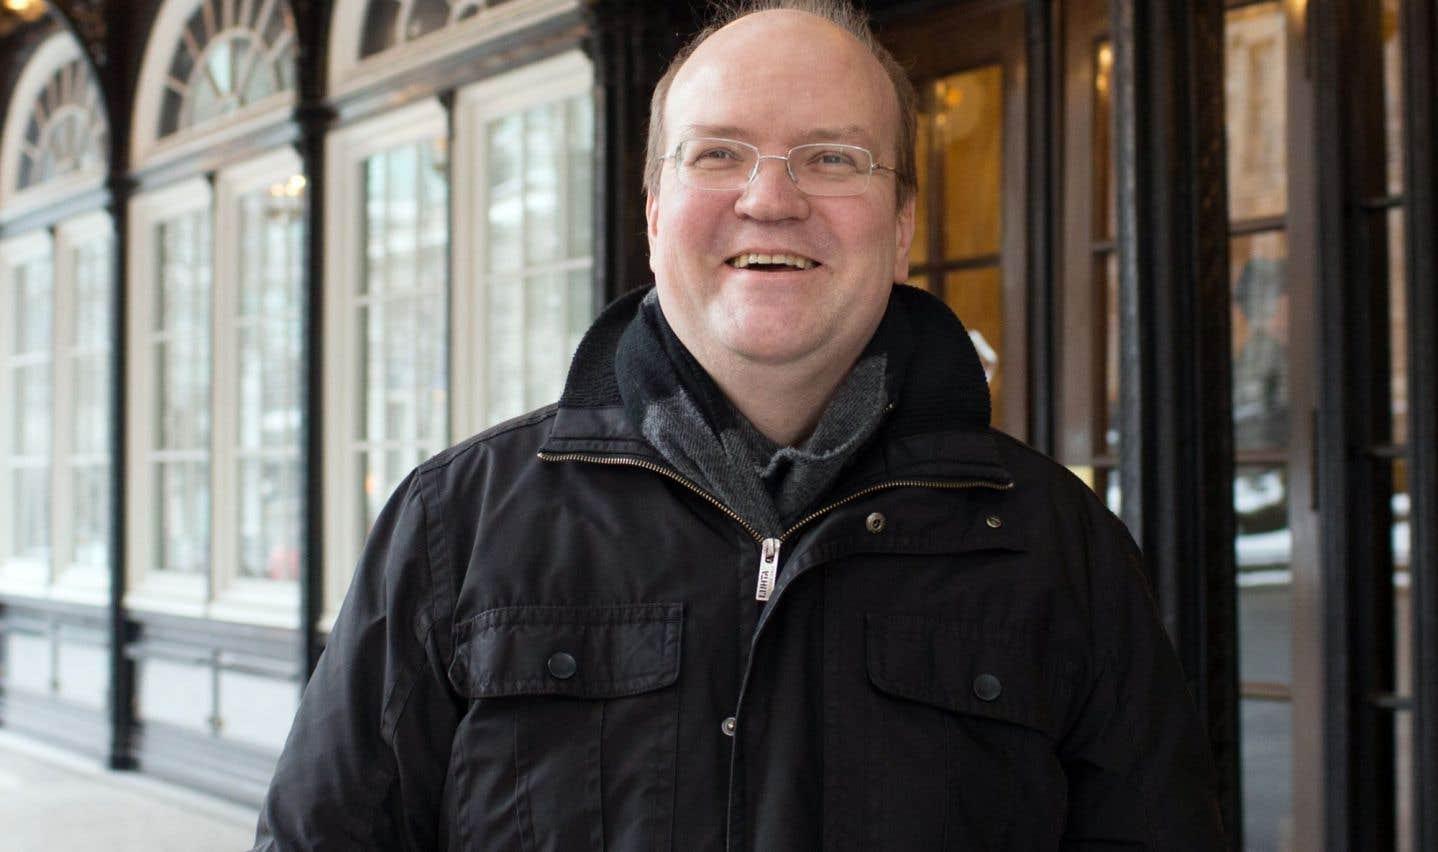 Bernard Labadie dirigera «Le Messie» de Haendel, le 13 décembre, à l'église St. Andrew & St. Paul.